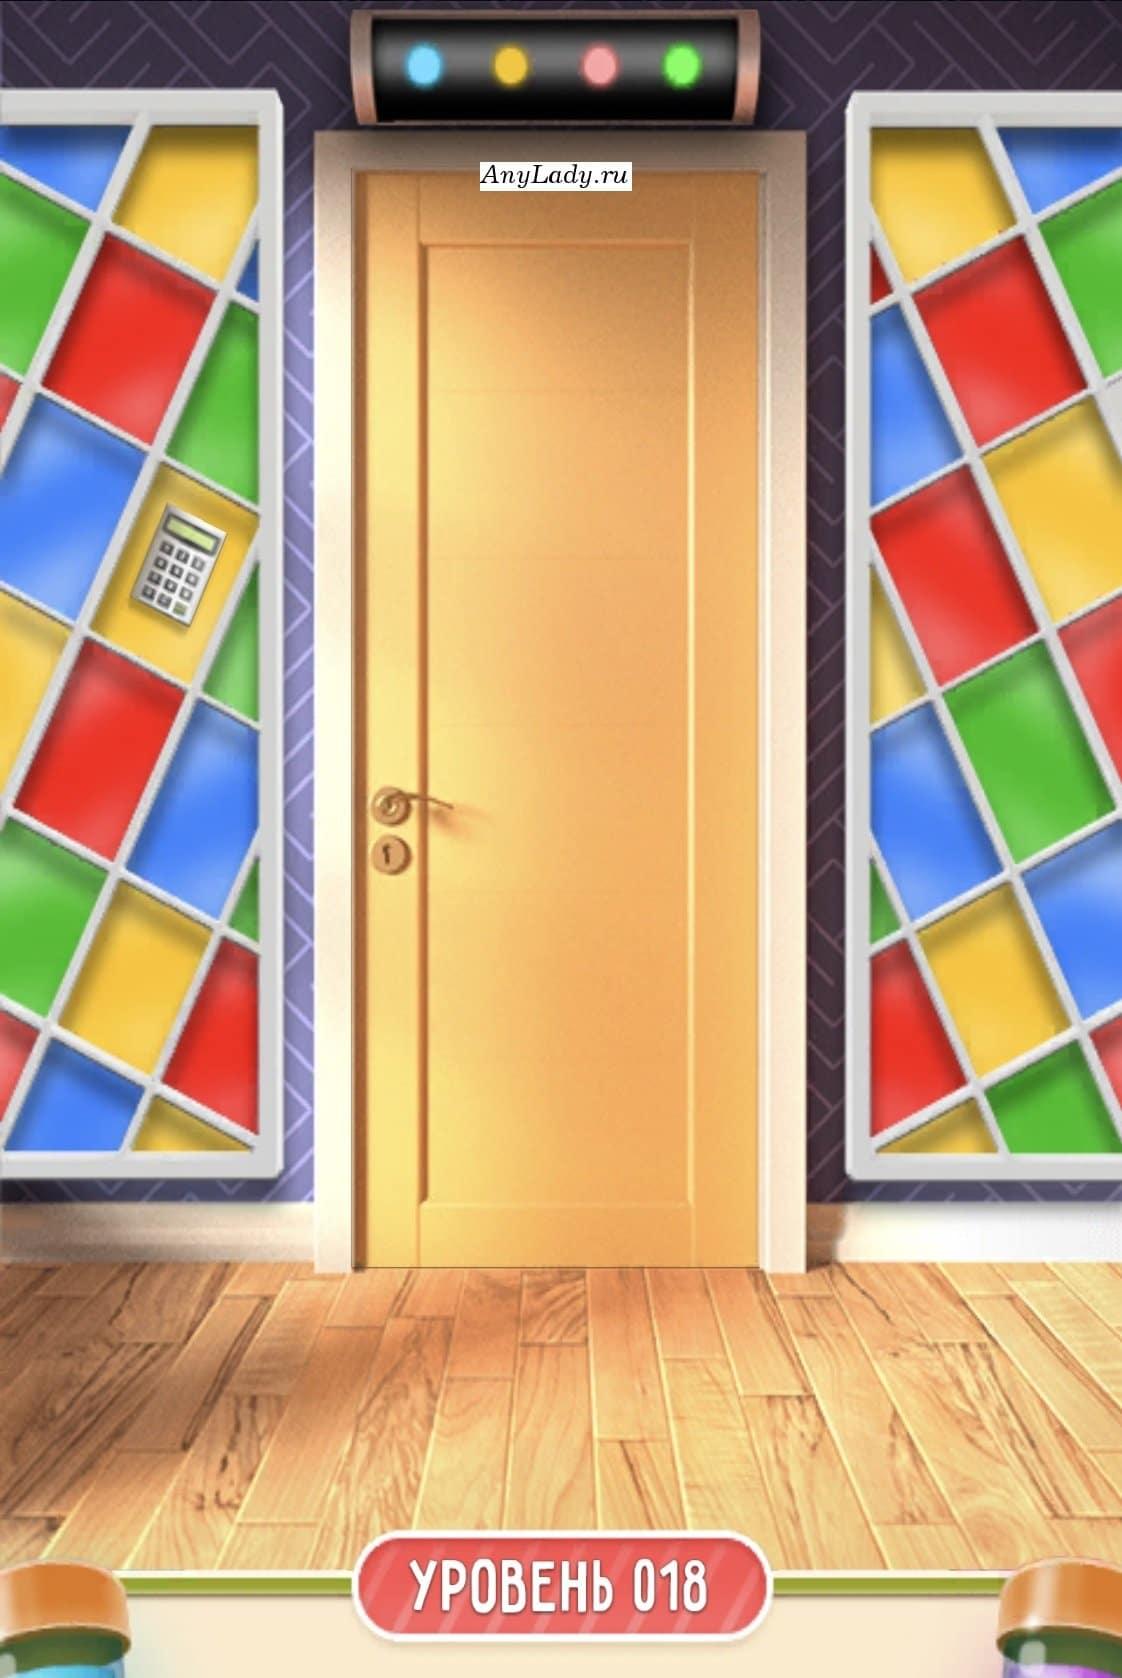 По обе стороны, на стене разноцветный фацет, необходимо посчитать каждый цвет фацета и набрать получившиеся числа в электронный замок. Порядок набора чисел увидите над дверью в комнату. Ответ: 910119